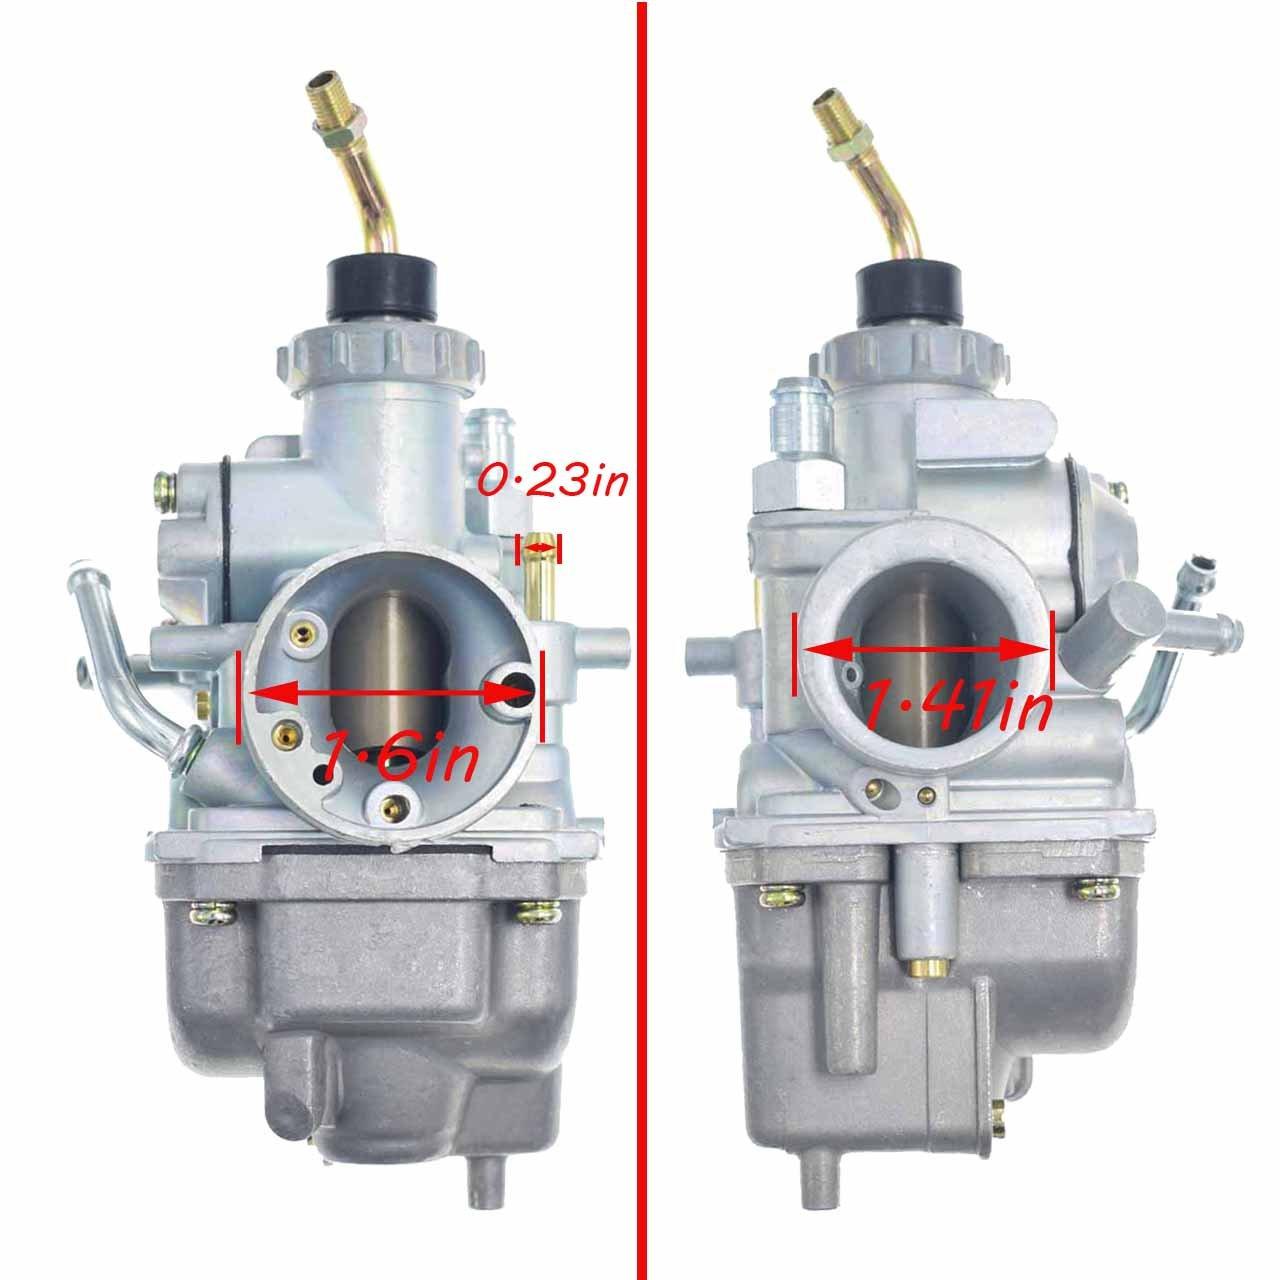 New TTR125 Carburetor for YAMAHA TTR 125 TTR-125 Carb Carborator 2000-2007 Yamaha TTR125L TTR125E TTR125LETTR125 by FYIYI (Image #2)